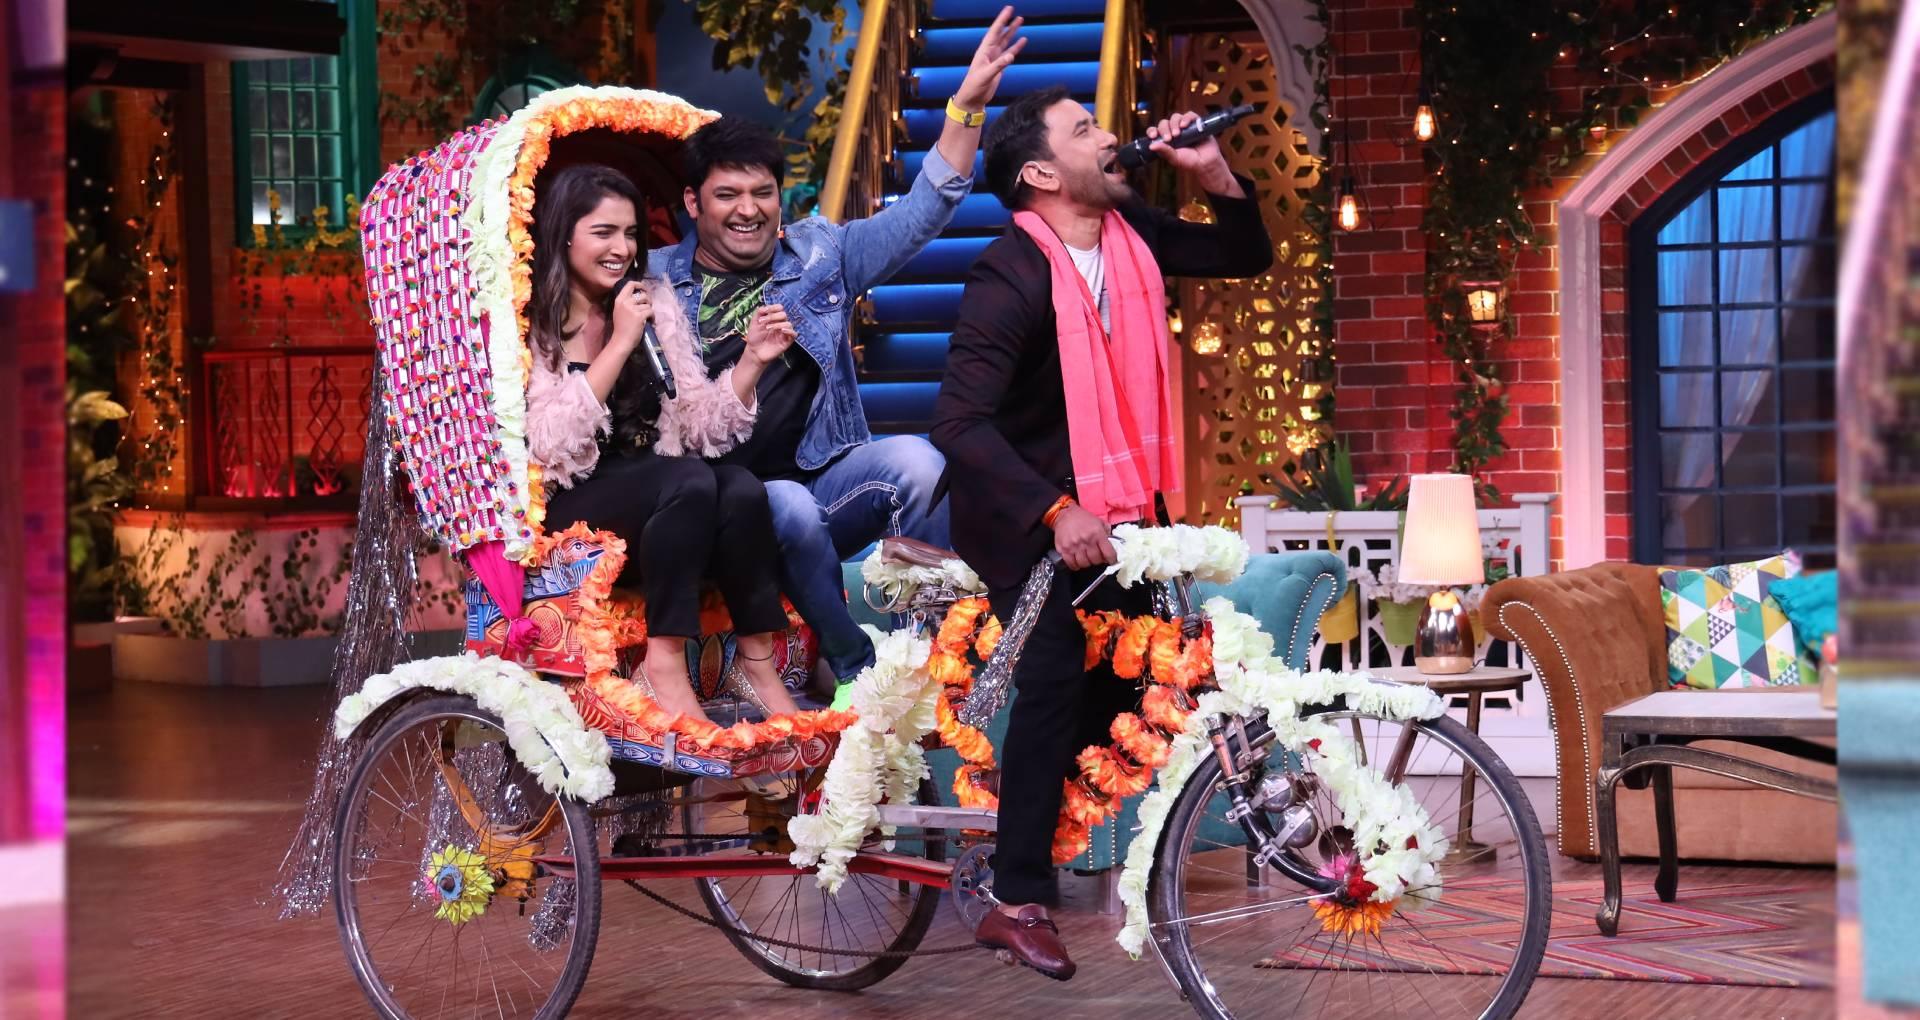 कपिल शर्मा शो में इस वीकेंड होगा भोजपुरिया धमाल, आम्रपाली दुबे-कपिल शर्मा बैठाकर रिक्शा चलाते दिखेंगे निरहुआ